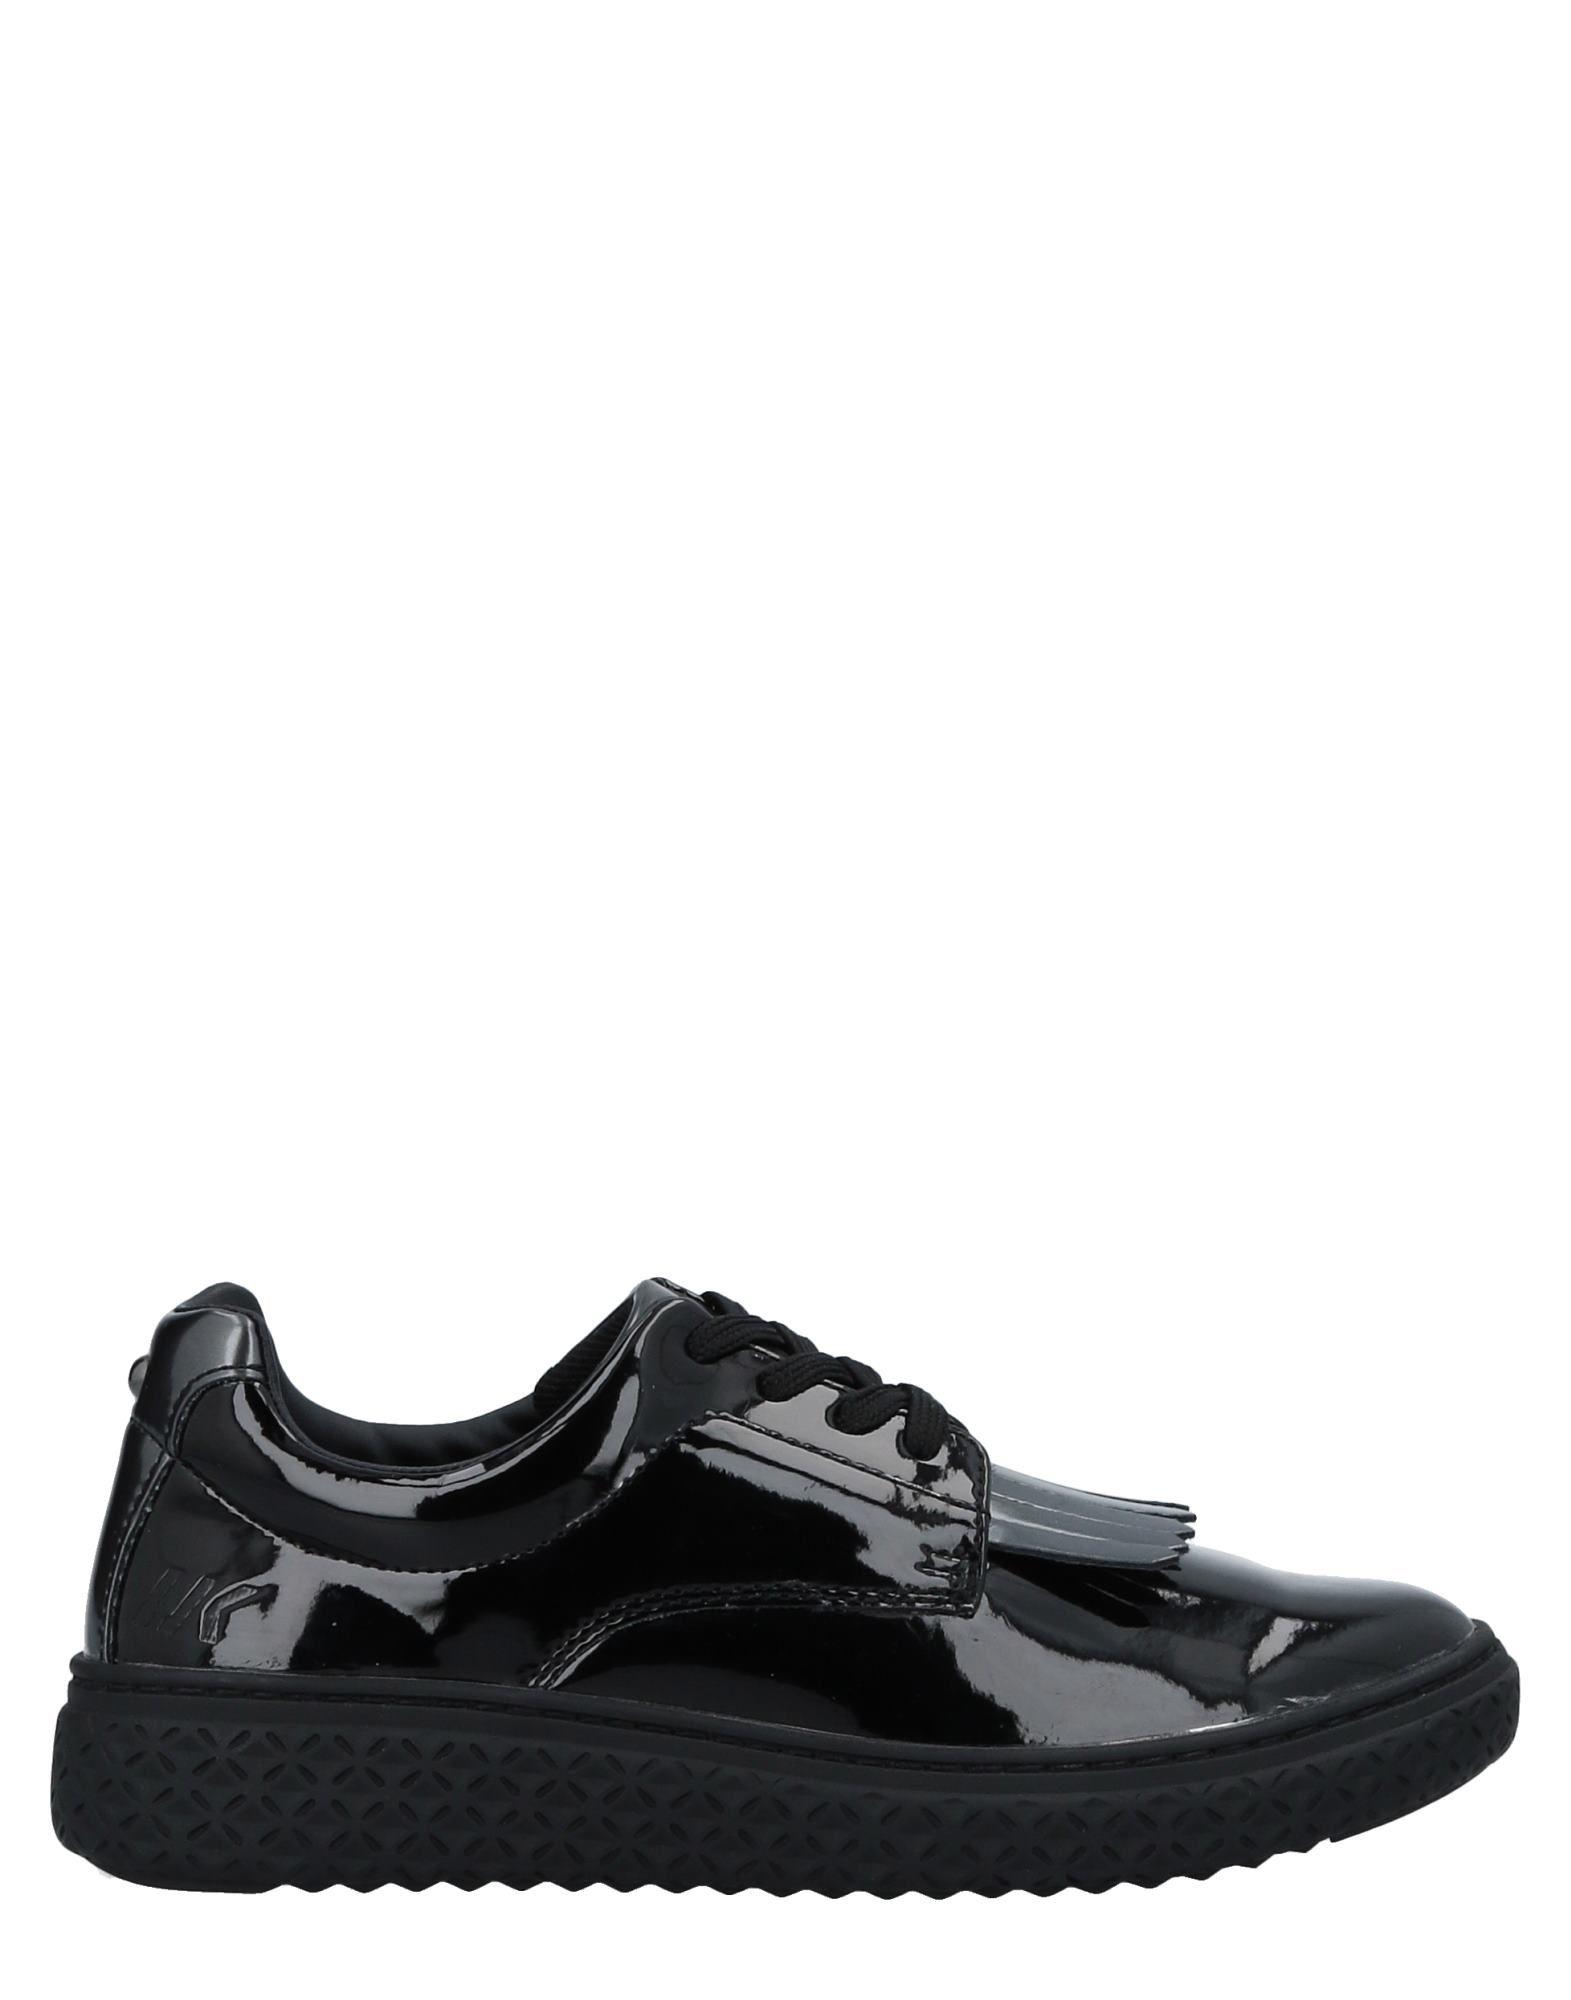 Sneakers Lumberjack Donna - 11514474EL Scarpe economiche e buone